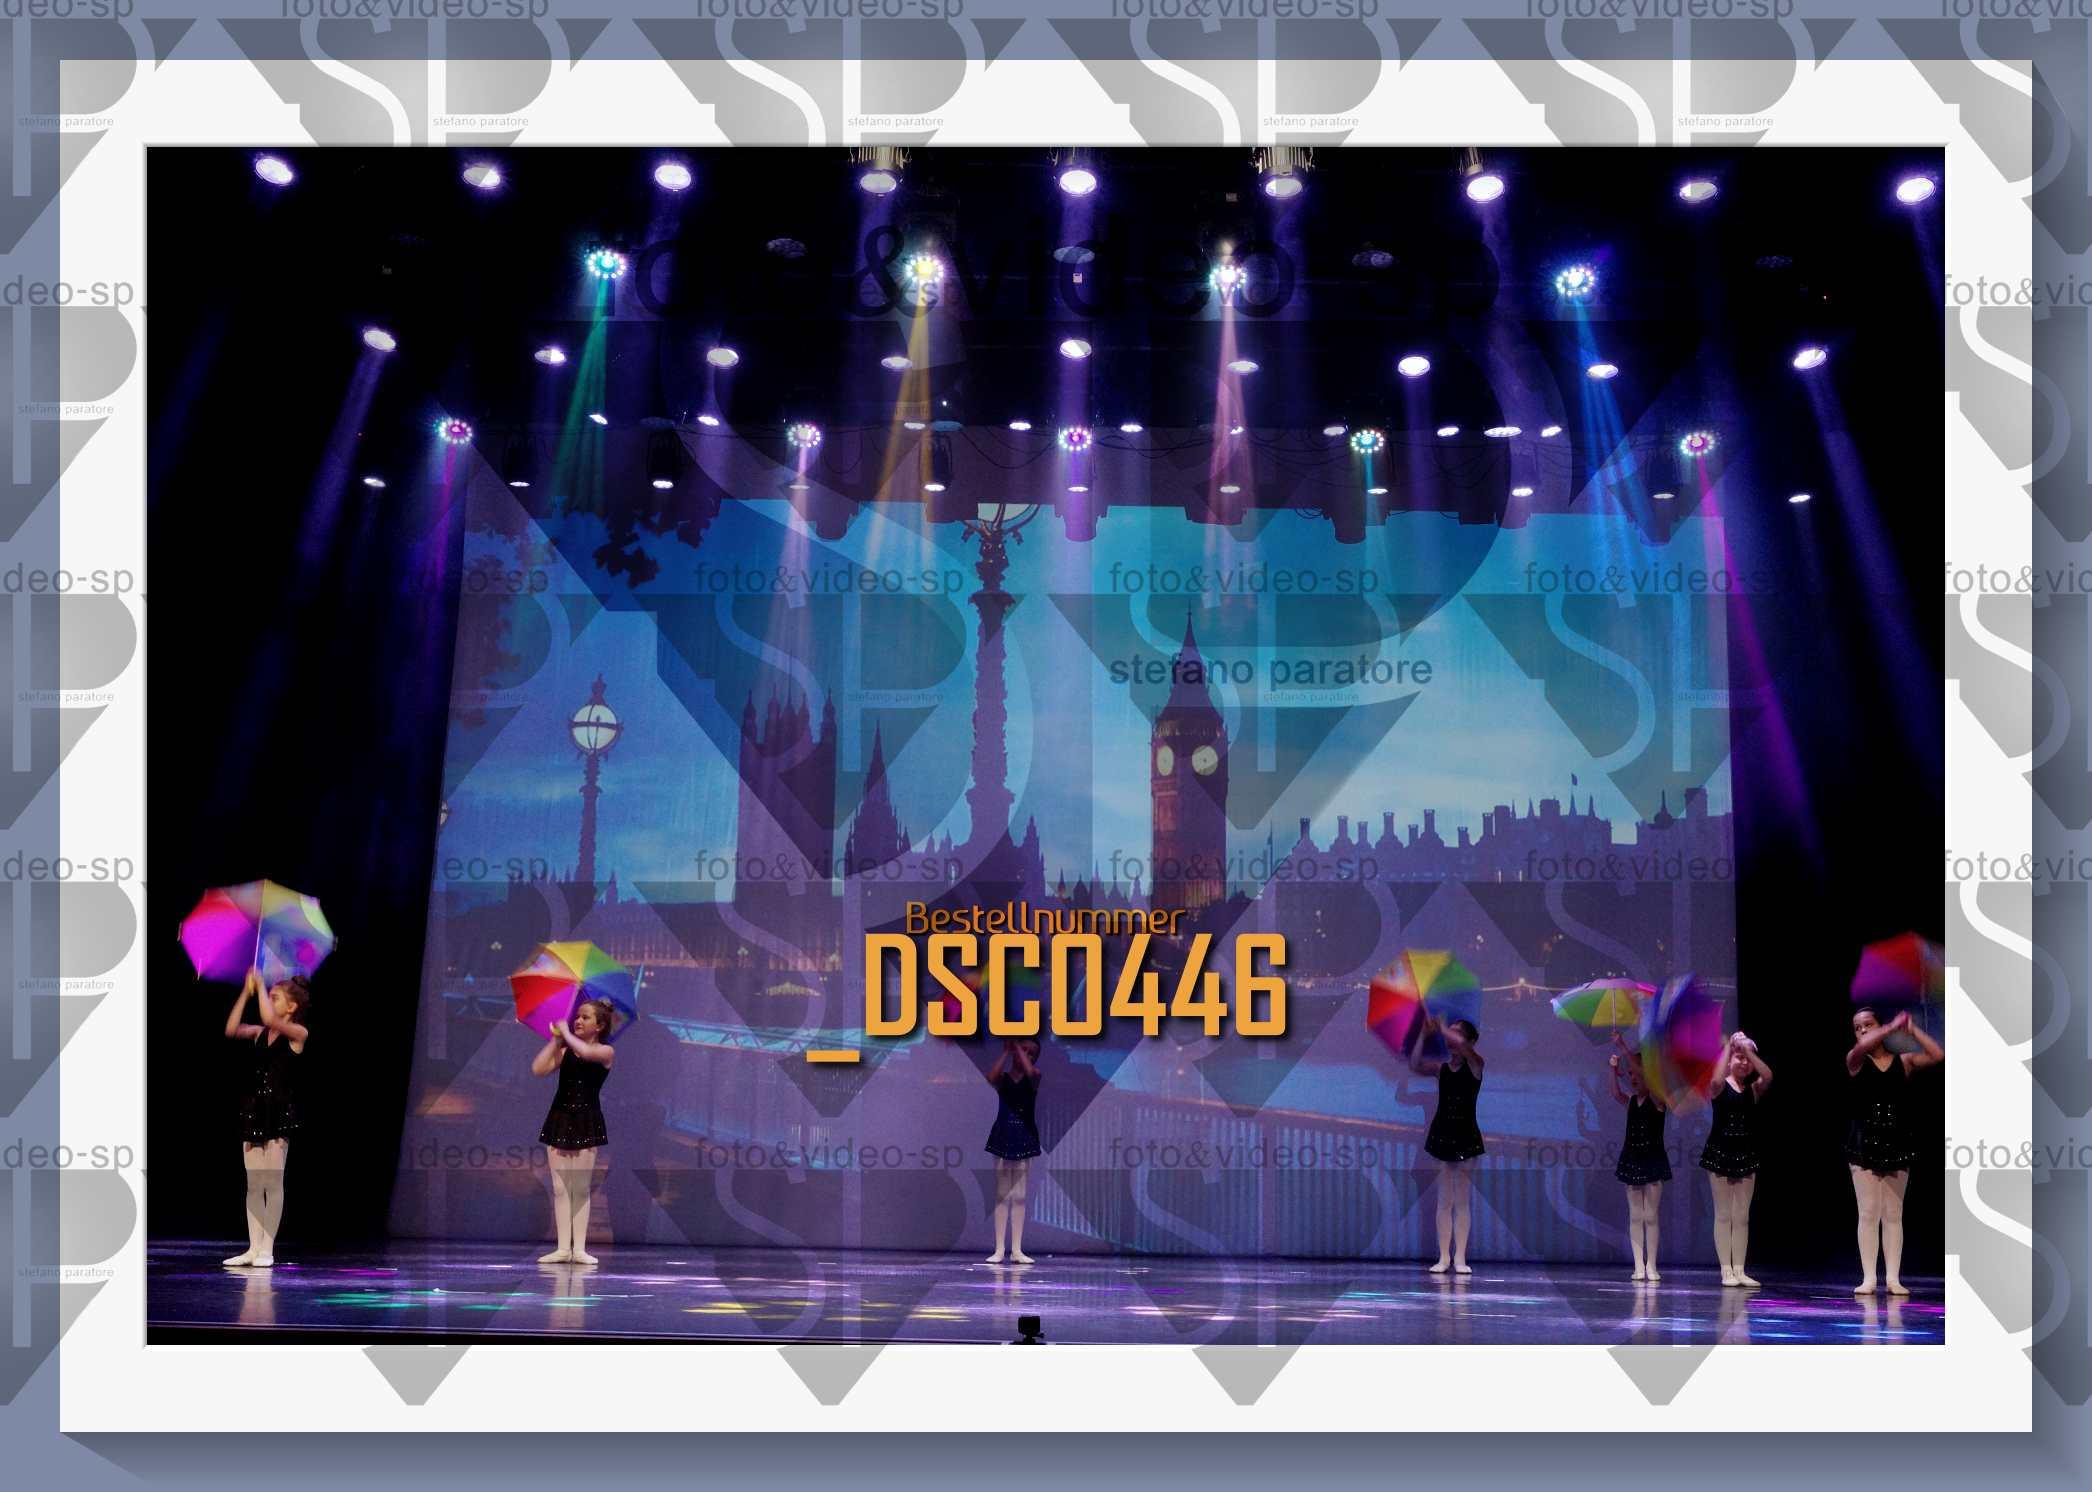 DSC0446